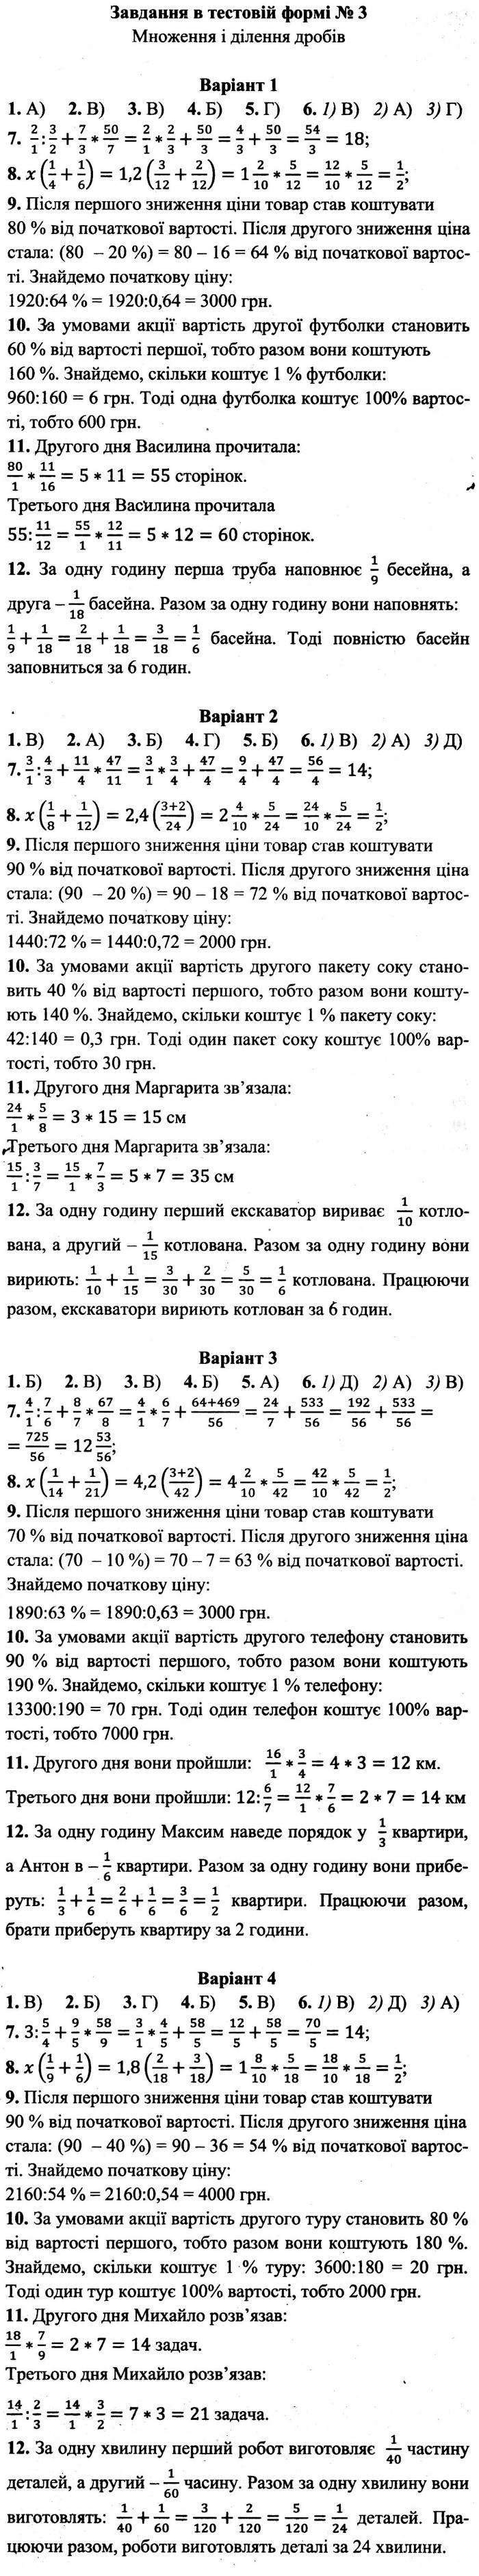 Розв'язання завдань до тестової роботи 3 посібника 6 клас Математика Мерзляк (збірник самостійних робіт і тестів) 2020 рік